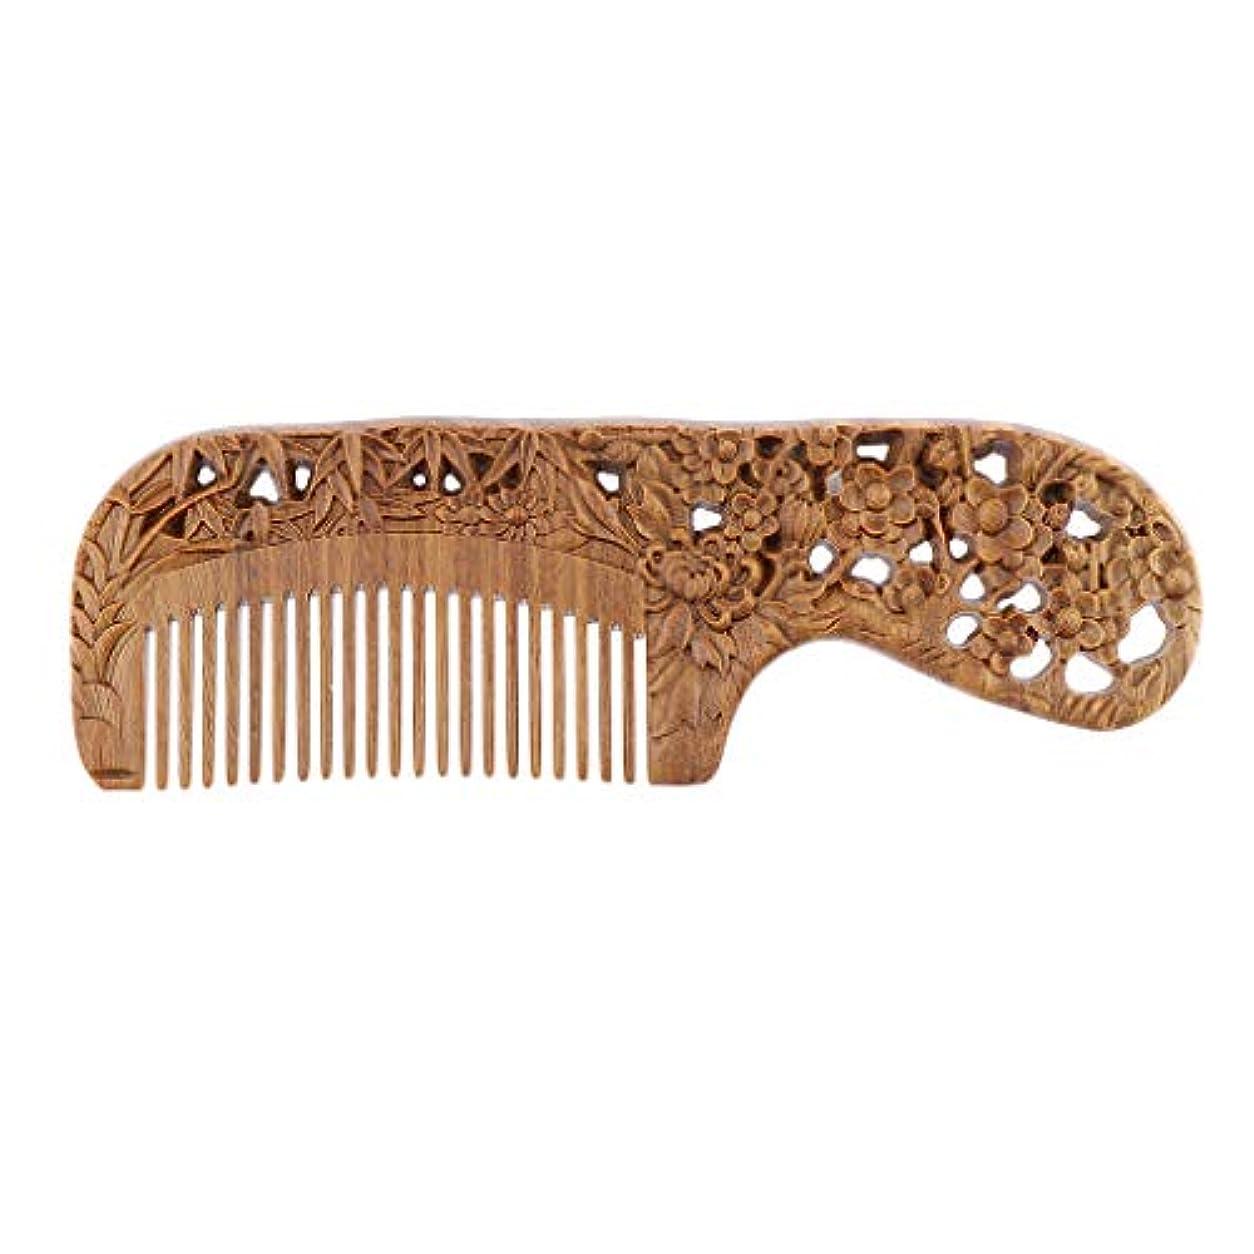 年次主権者実質的手作り 木製櫛 ヘアブラシ ヘアコーム 頭皮マッサージ レトロ 4タイプ選べ - 17.8 x 5.6 x 11.5 cm